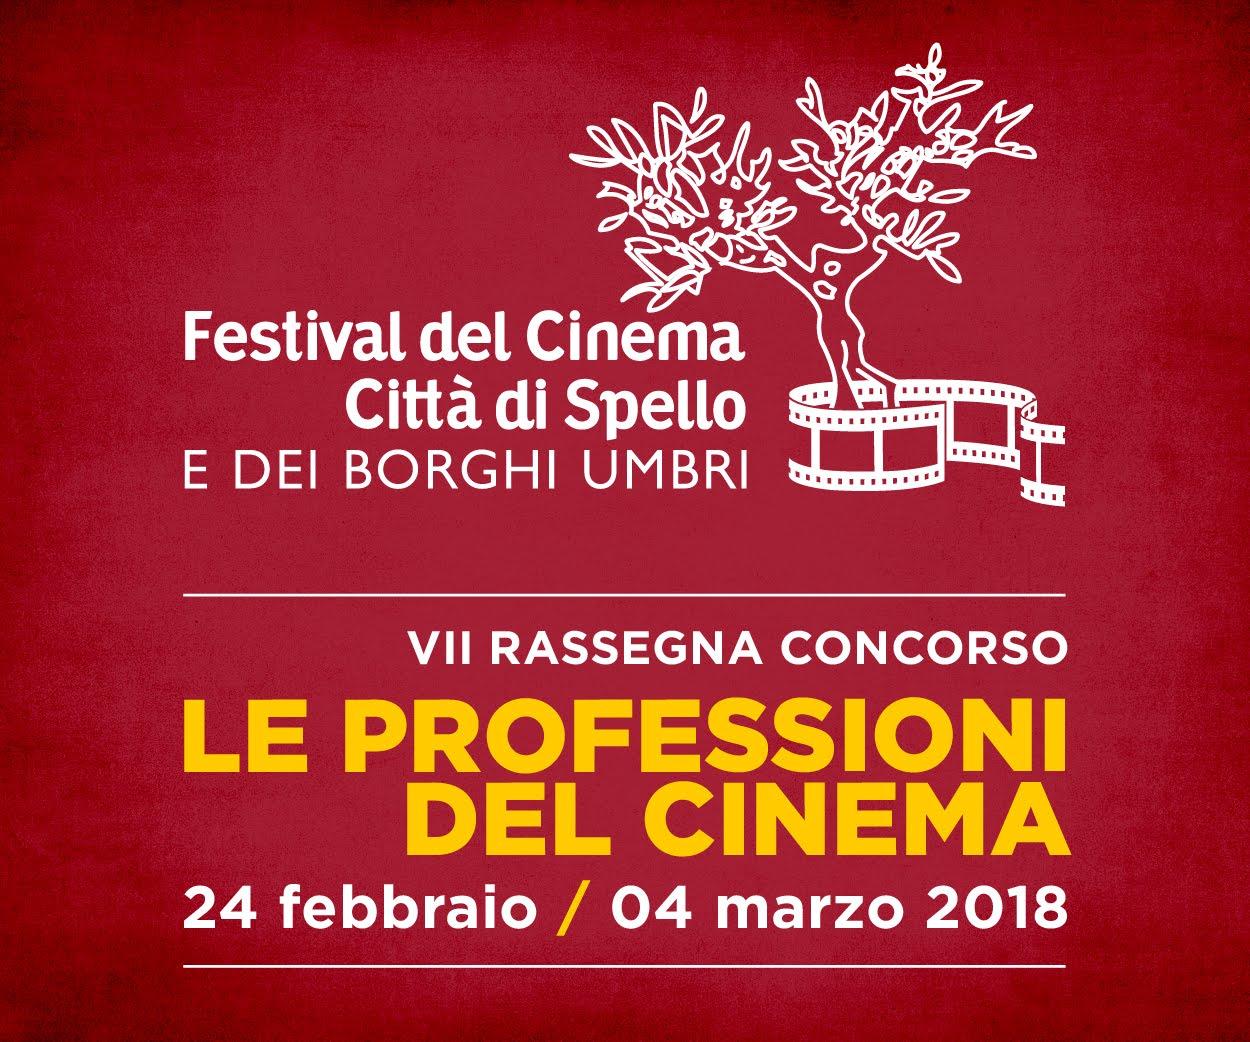 VII° Festival del Cinema Città di Spello